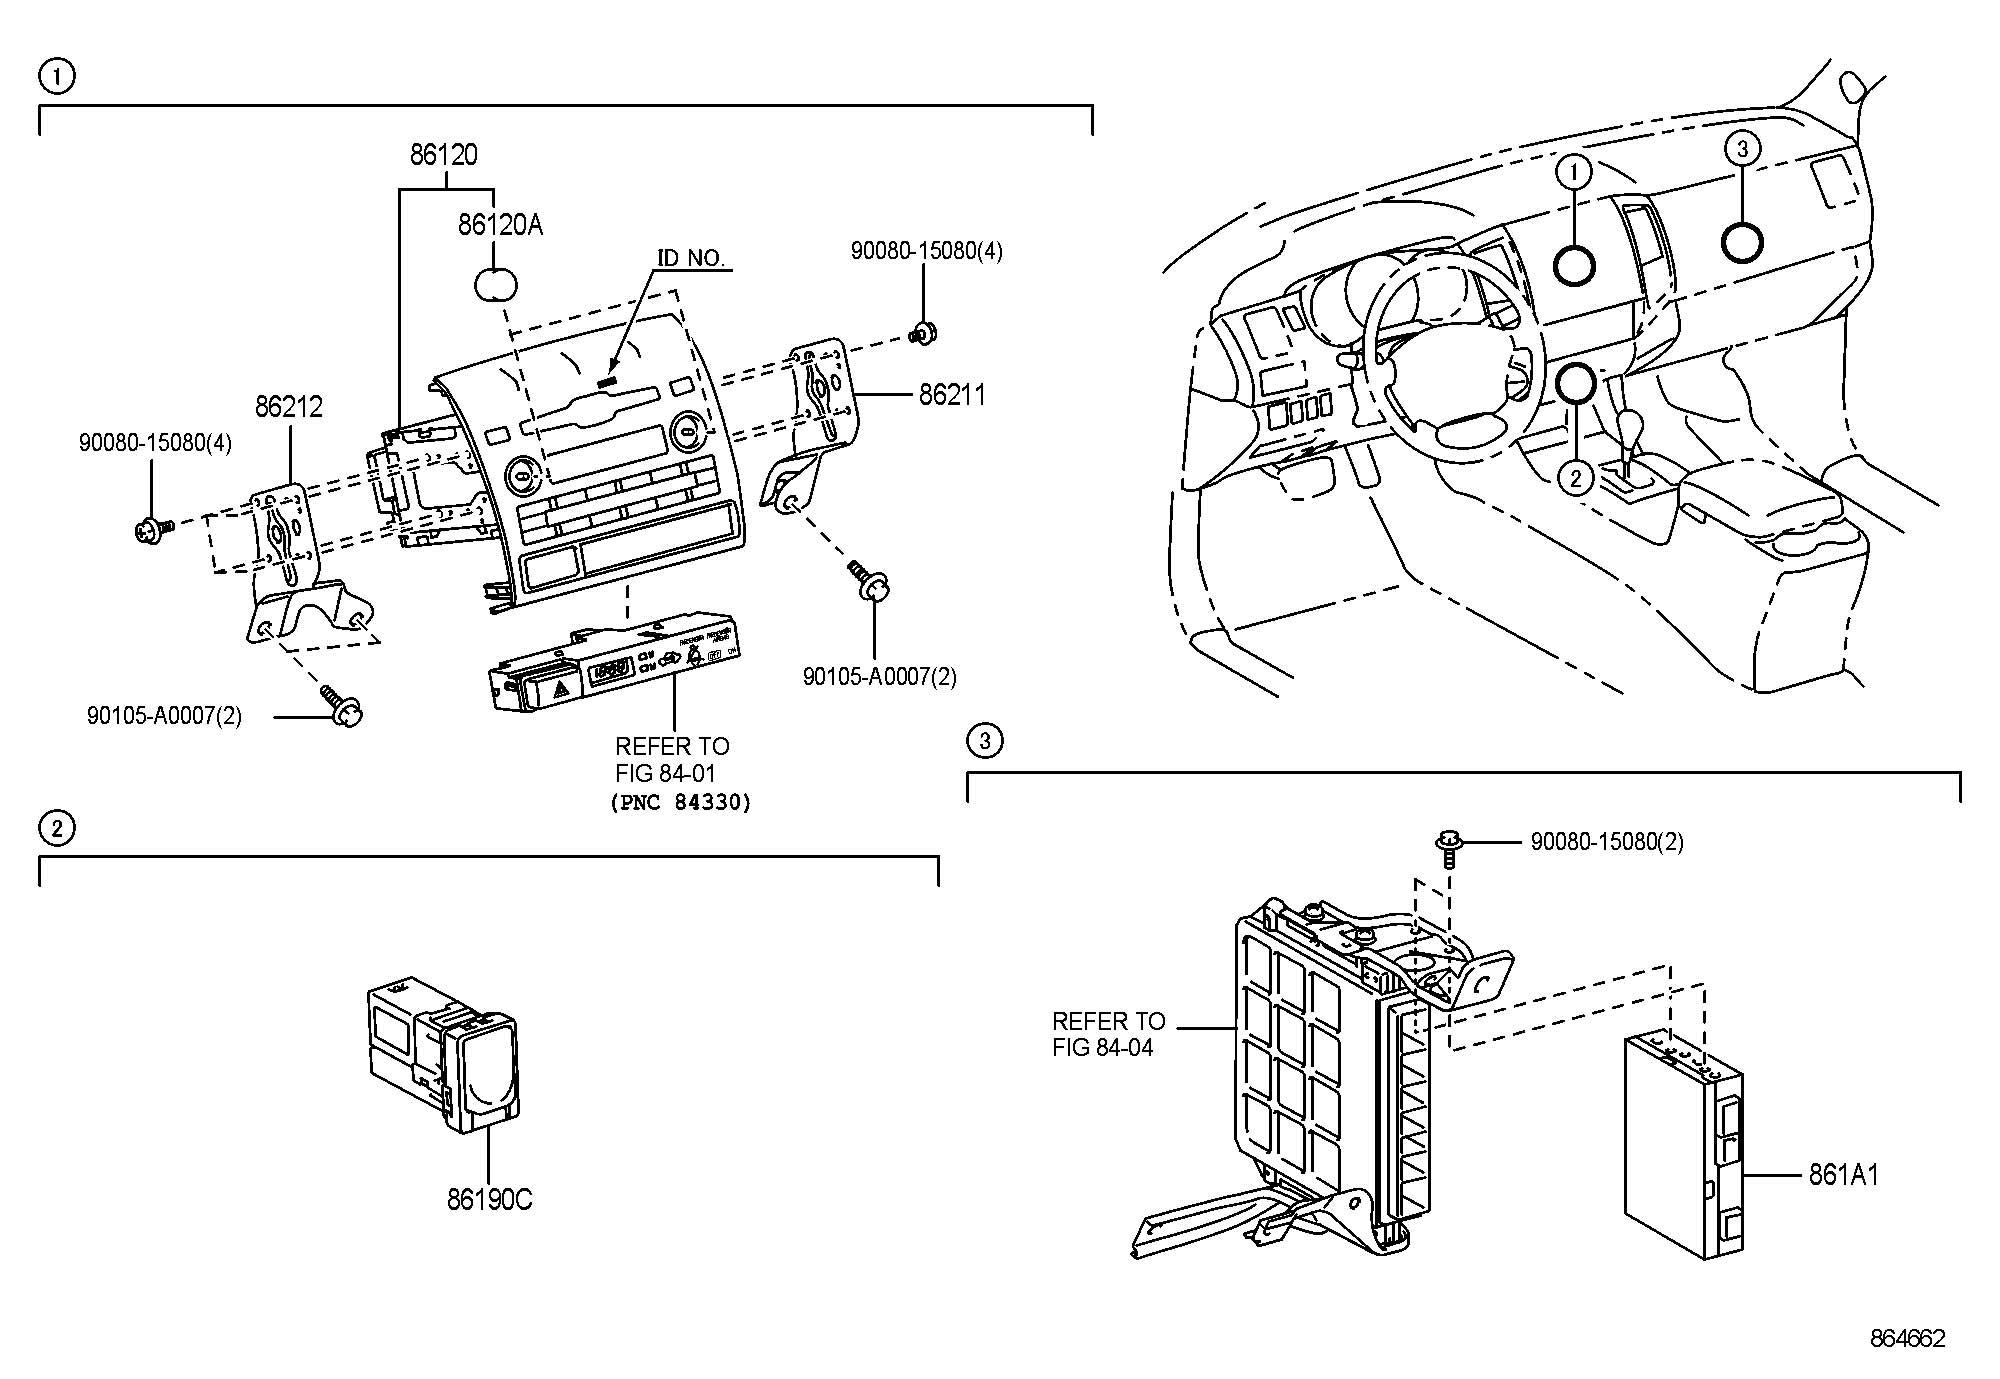 2011 Toyota Tacoma Adapter assembly, stereo jack, no.1